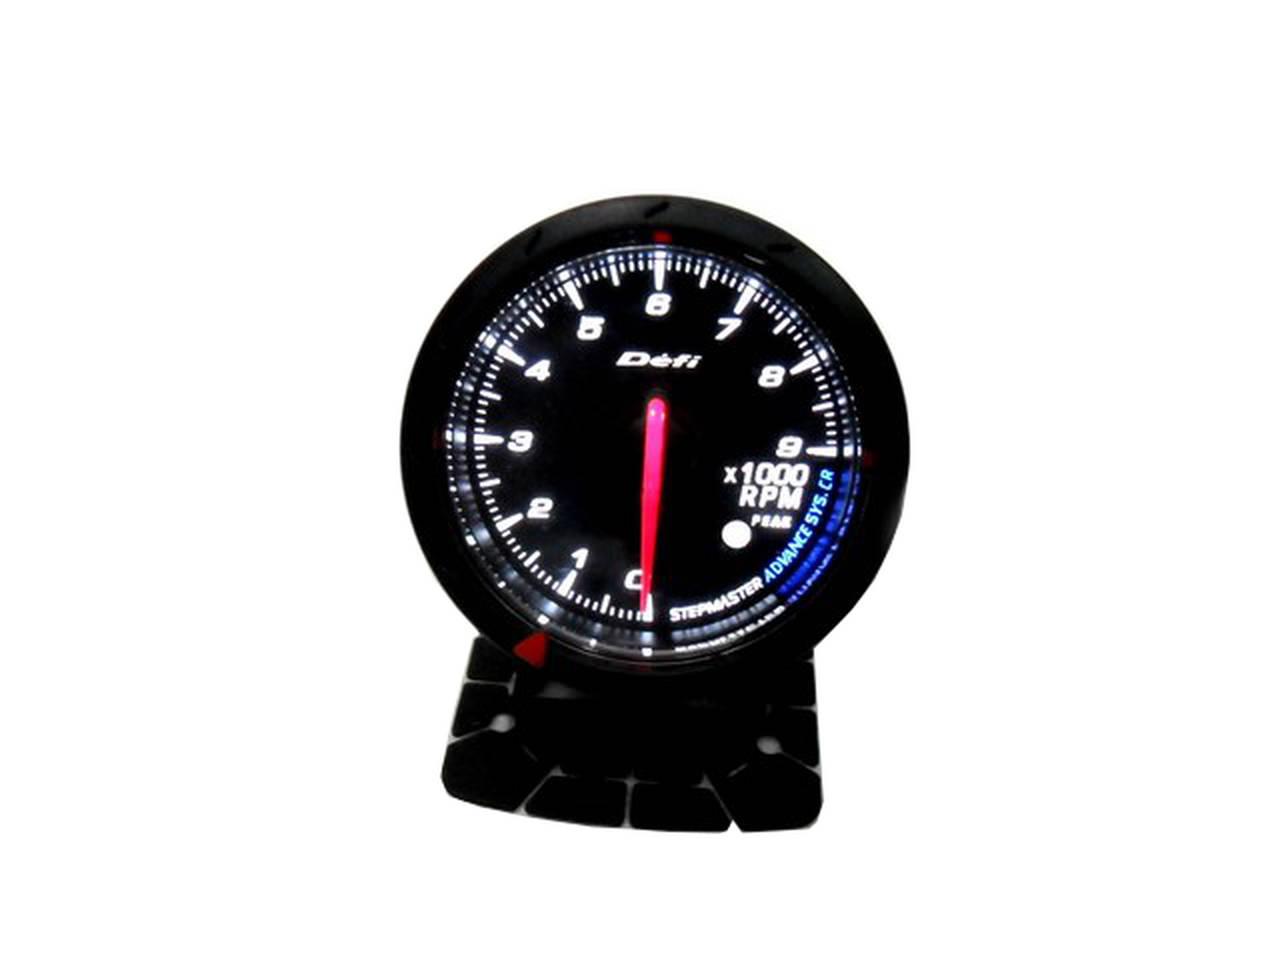 Blue Led Meter : Jdm black face non smoke tachometer car gauge meter rpm